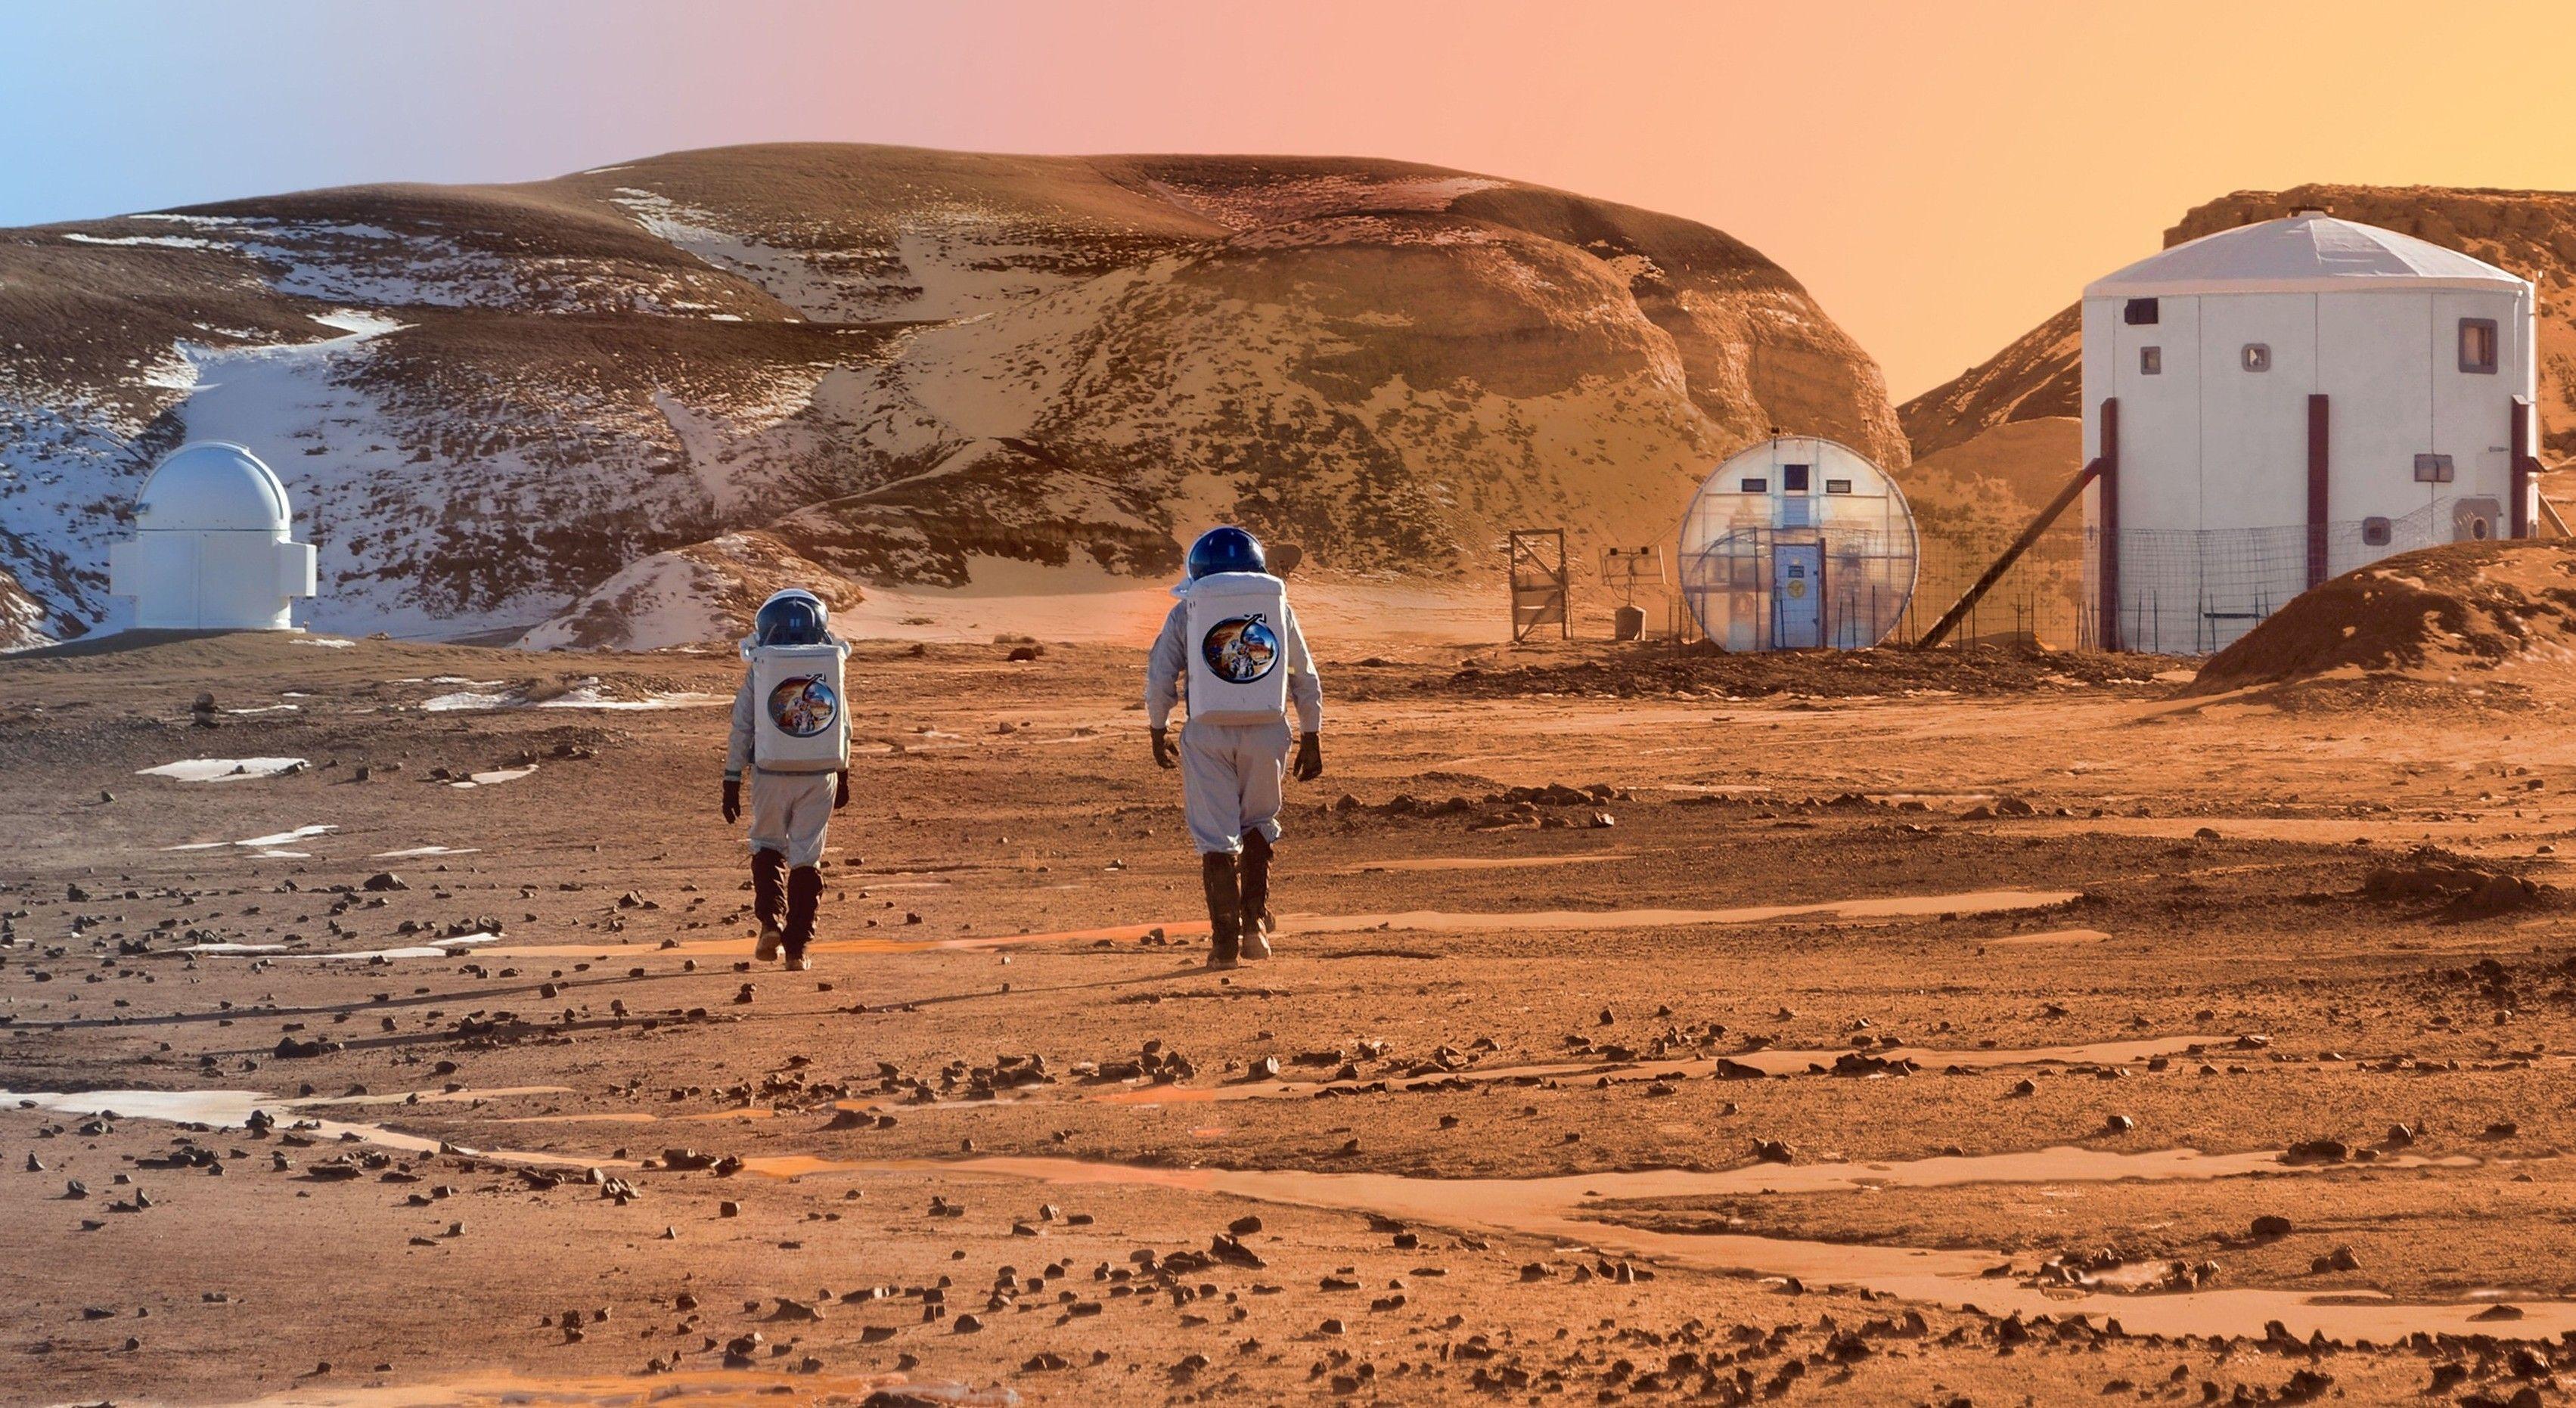 Ученые считают, что изучать Марс смогут только генетически модифицированные люди